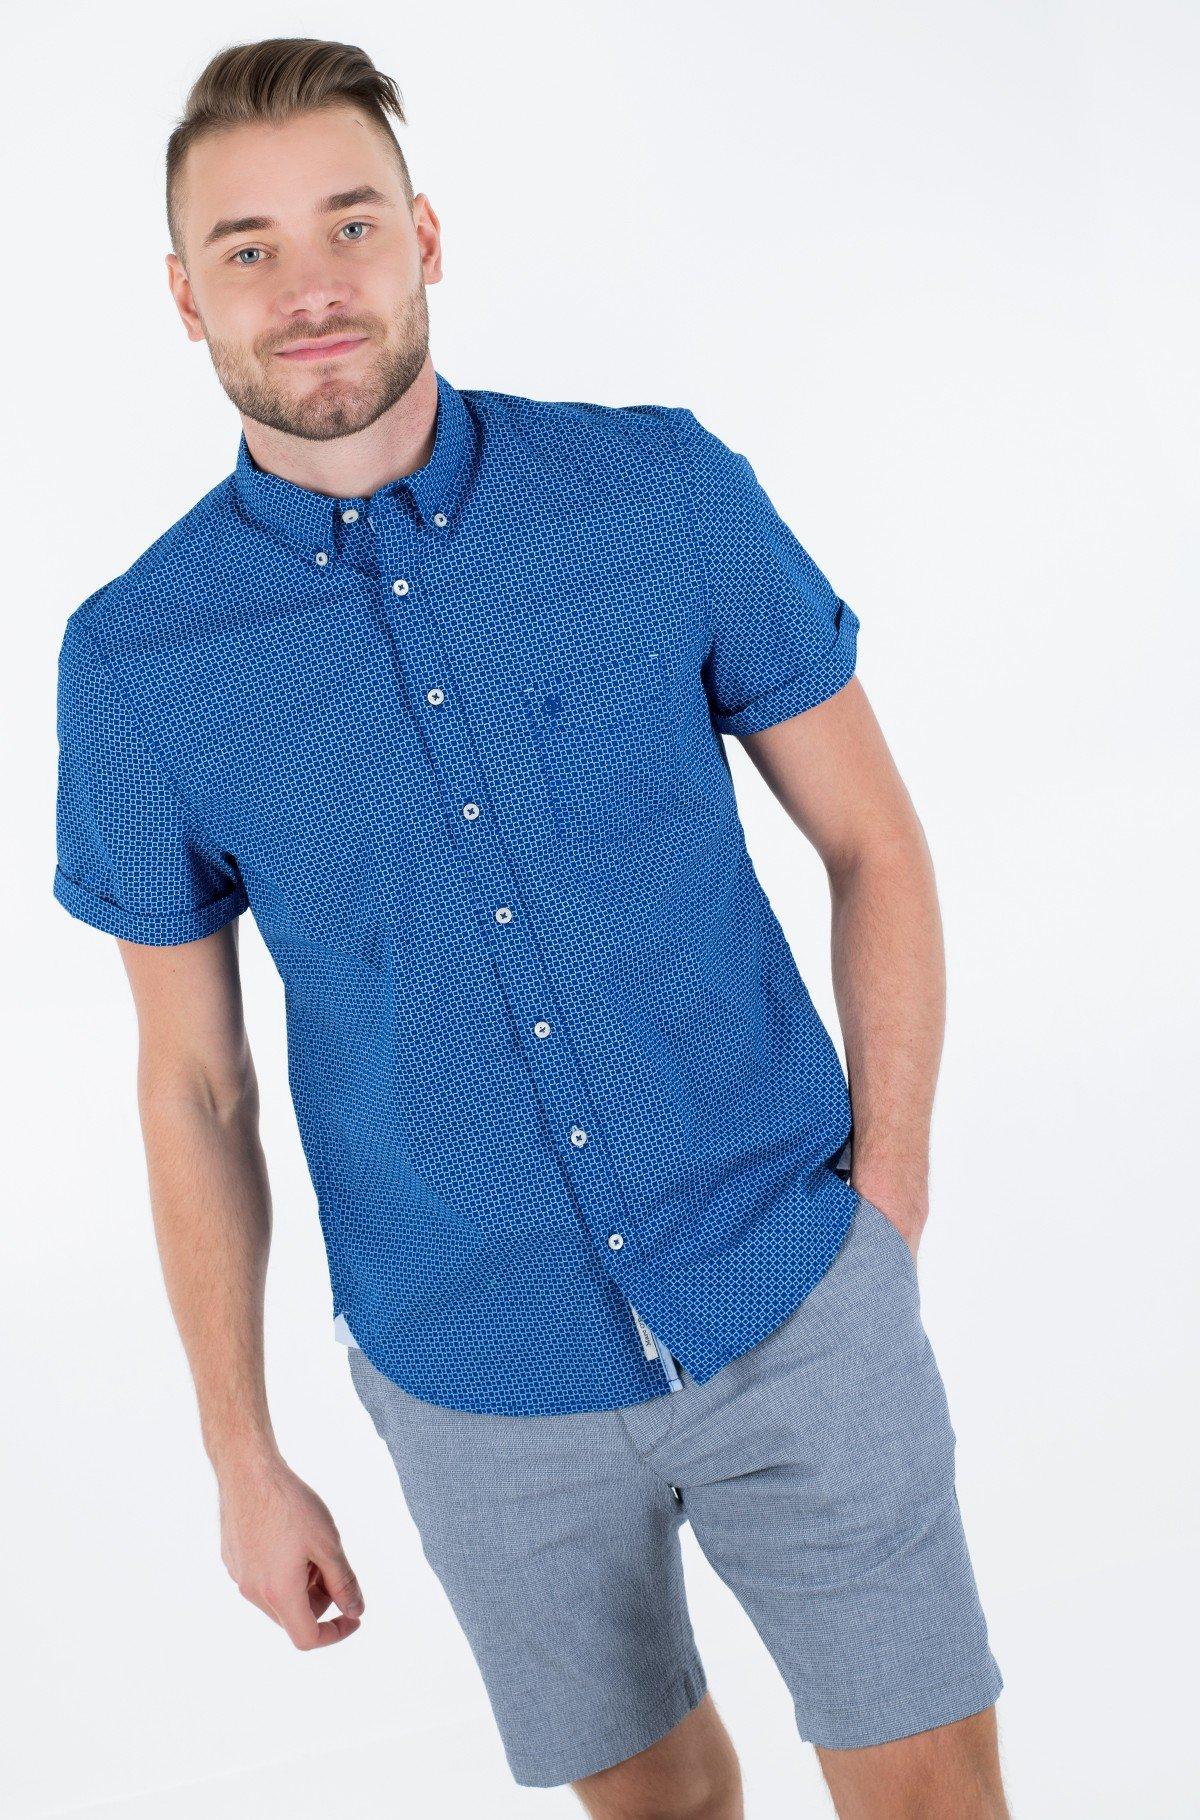 Marškiniai su trumpomis rankovėmis 023 7201 41002-full-1